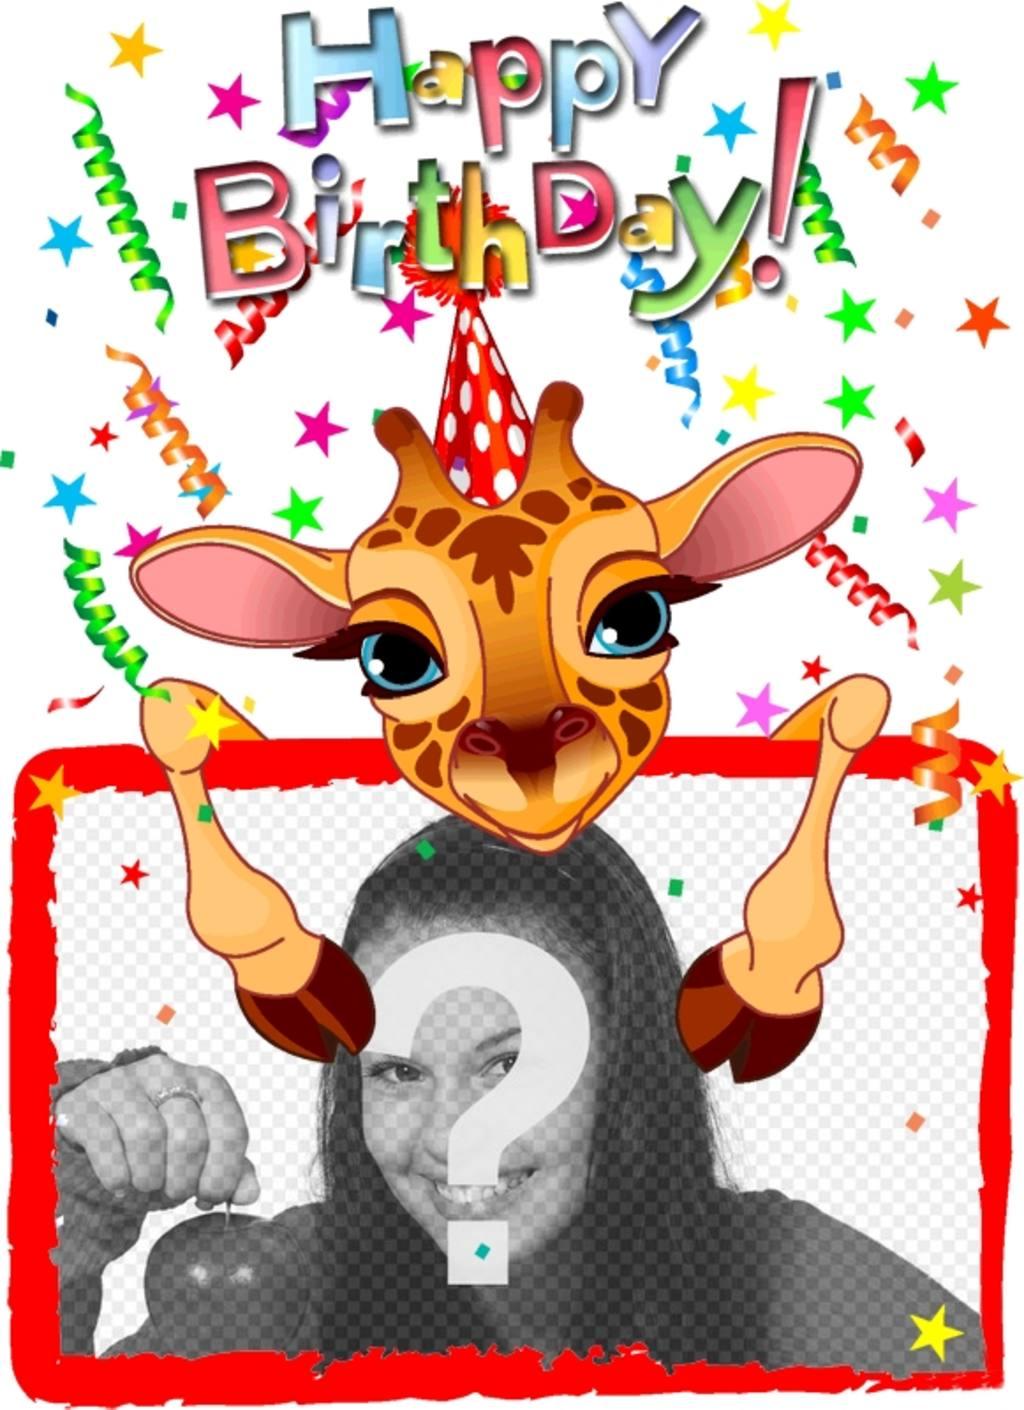 Personnalisable carte de voeux avec un anniversaire de girafe